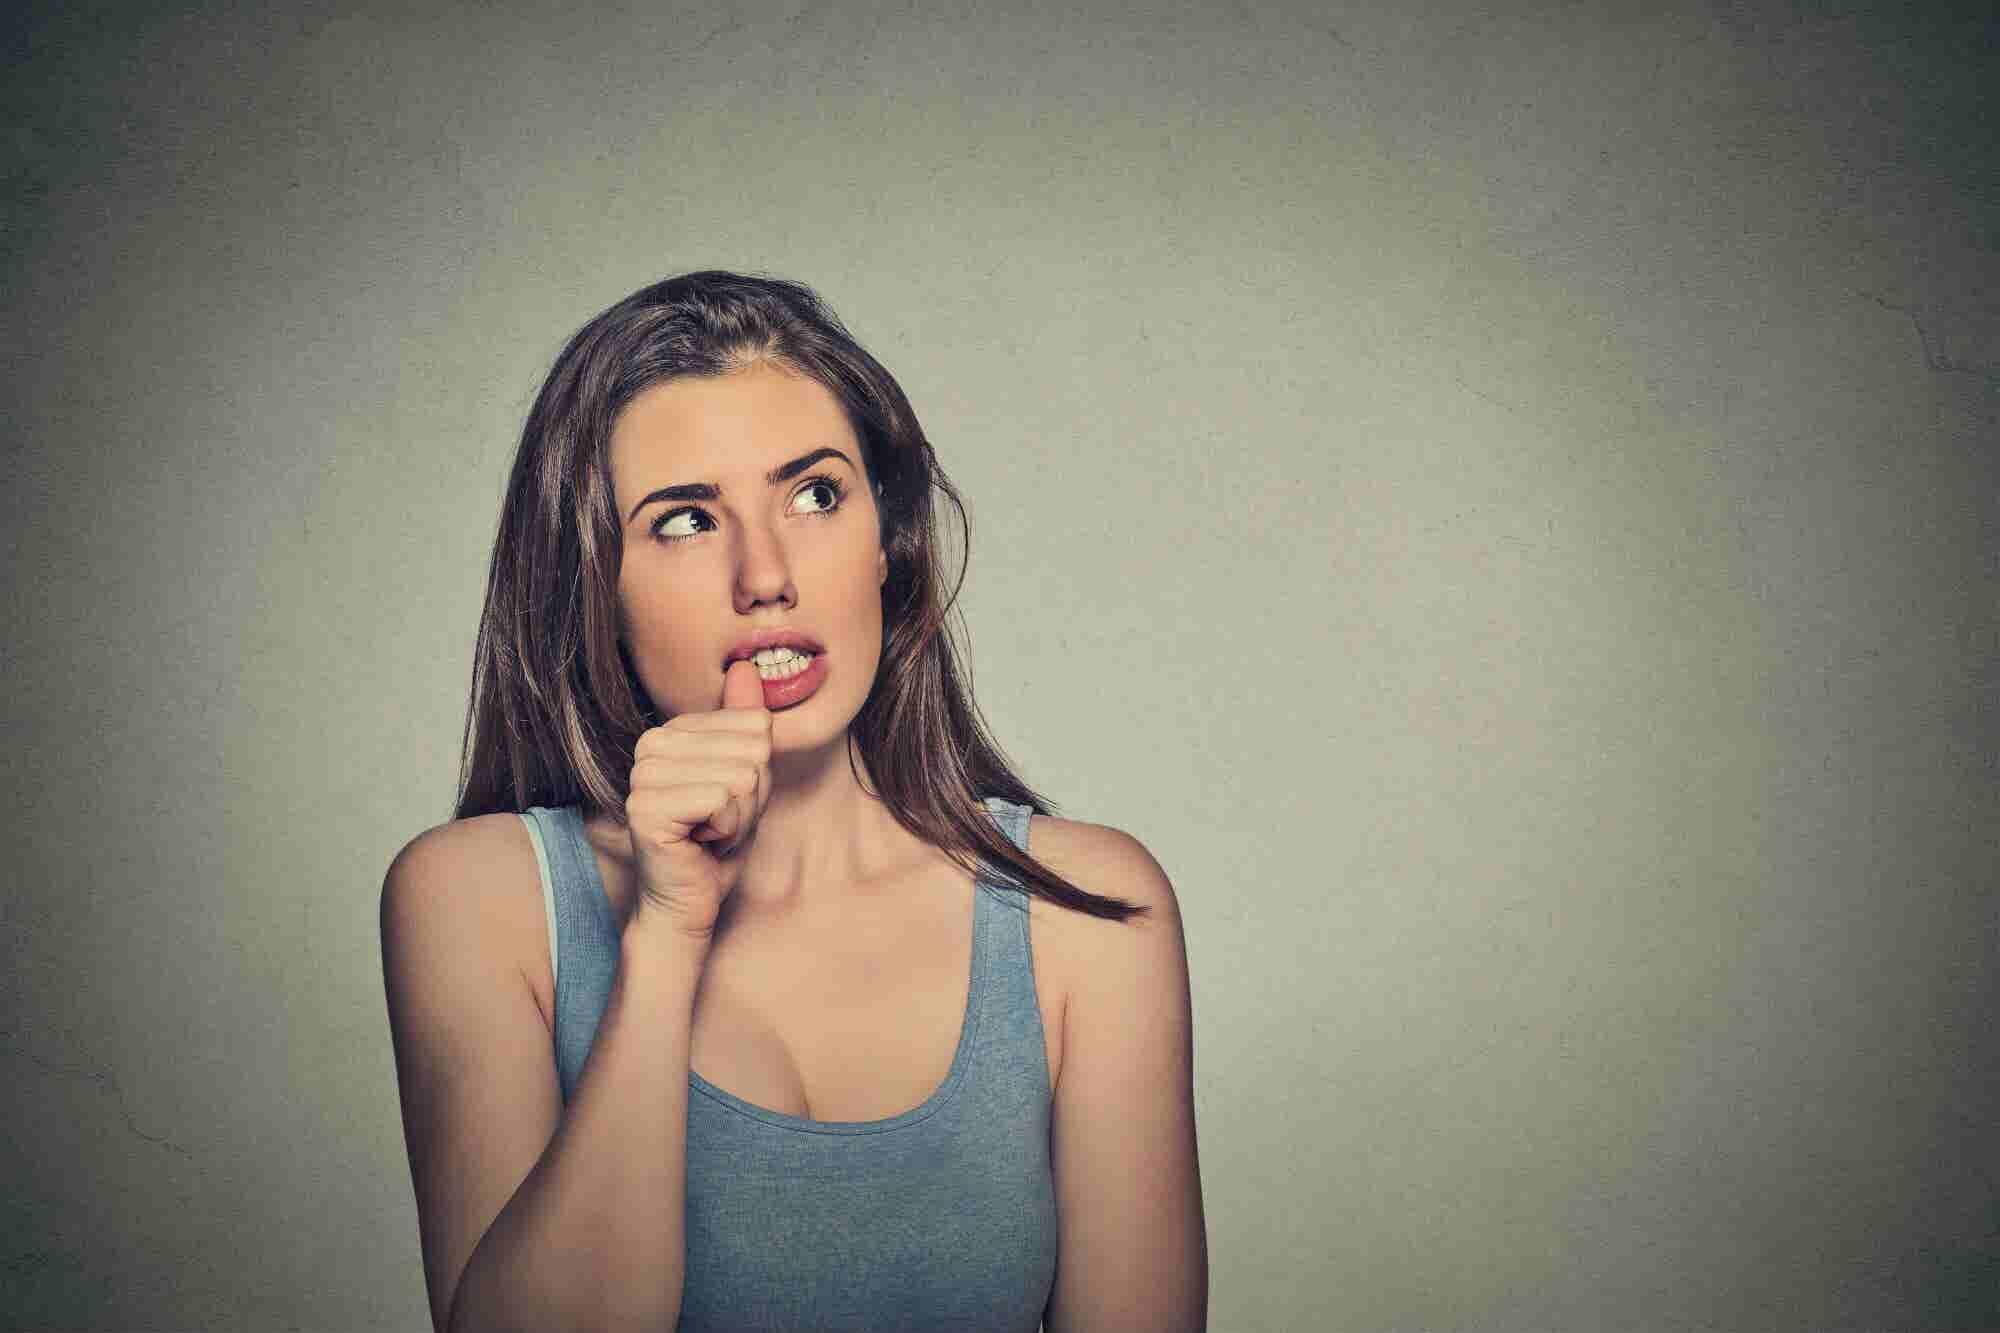 4 ventajas de ser un poco inseguro